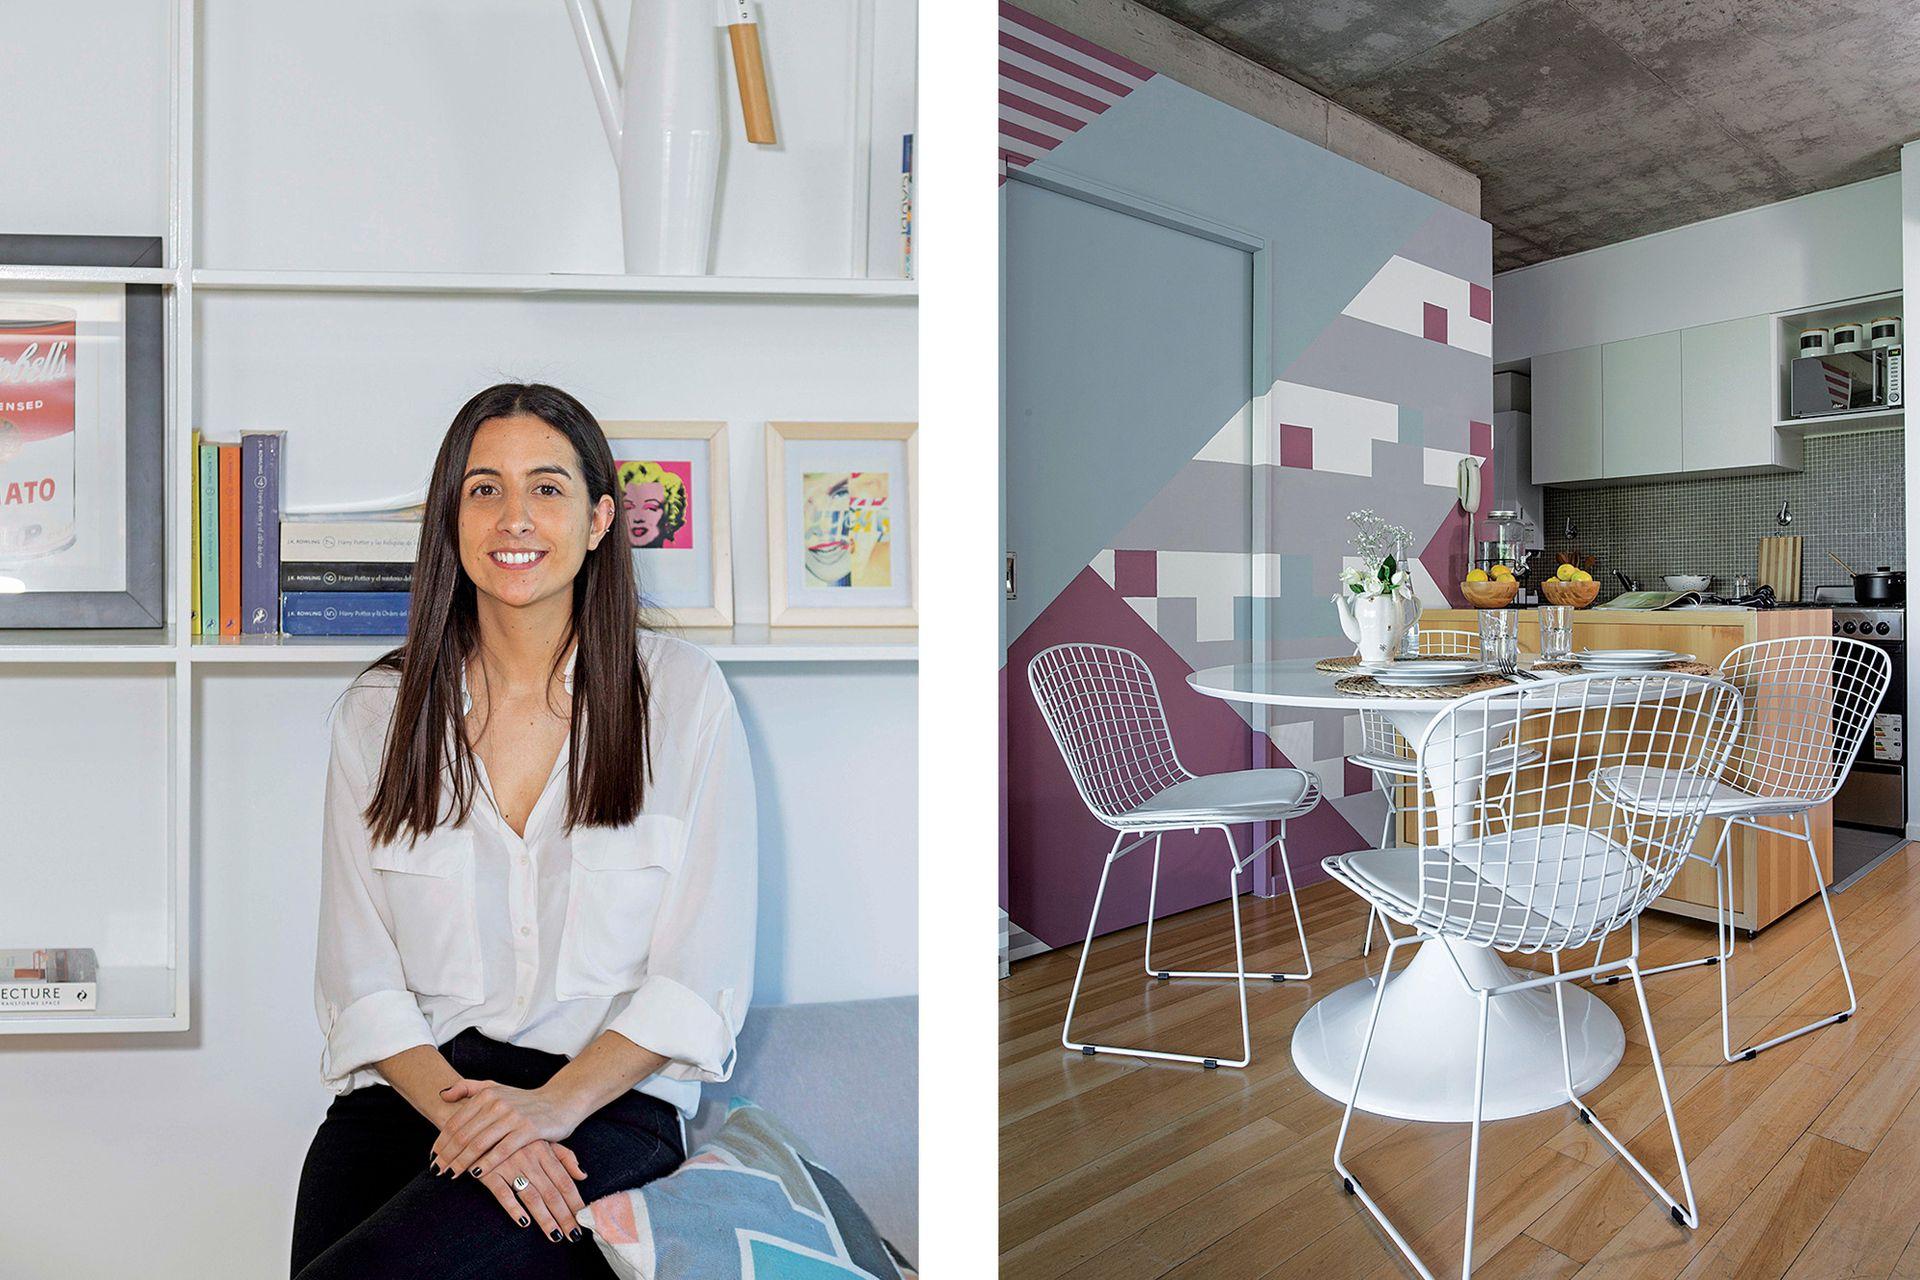 El sector de comedor tiene mesa Tulip (Deco Design), sillas Bertoia (De Sillas), alfombra (Mihran) y sillón tapizado en gris (Goral Deco).